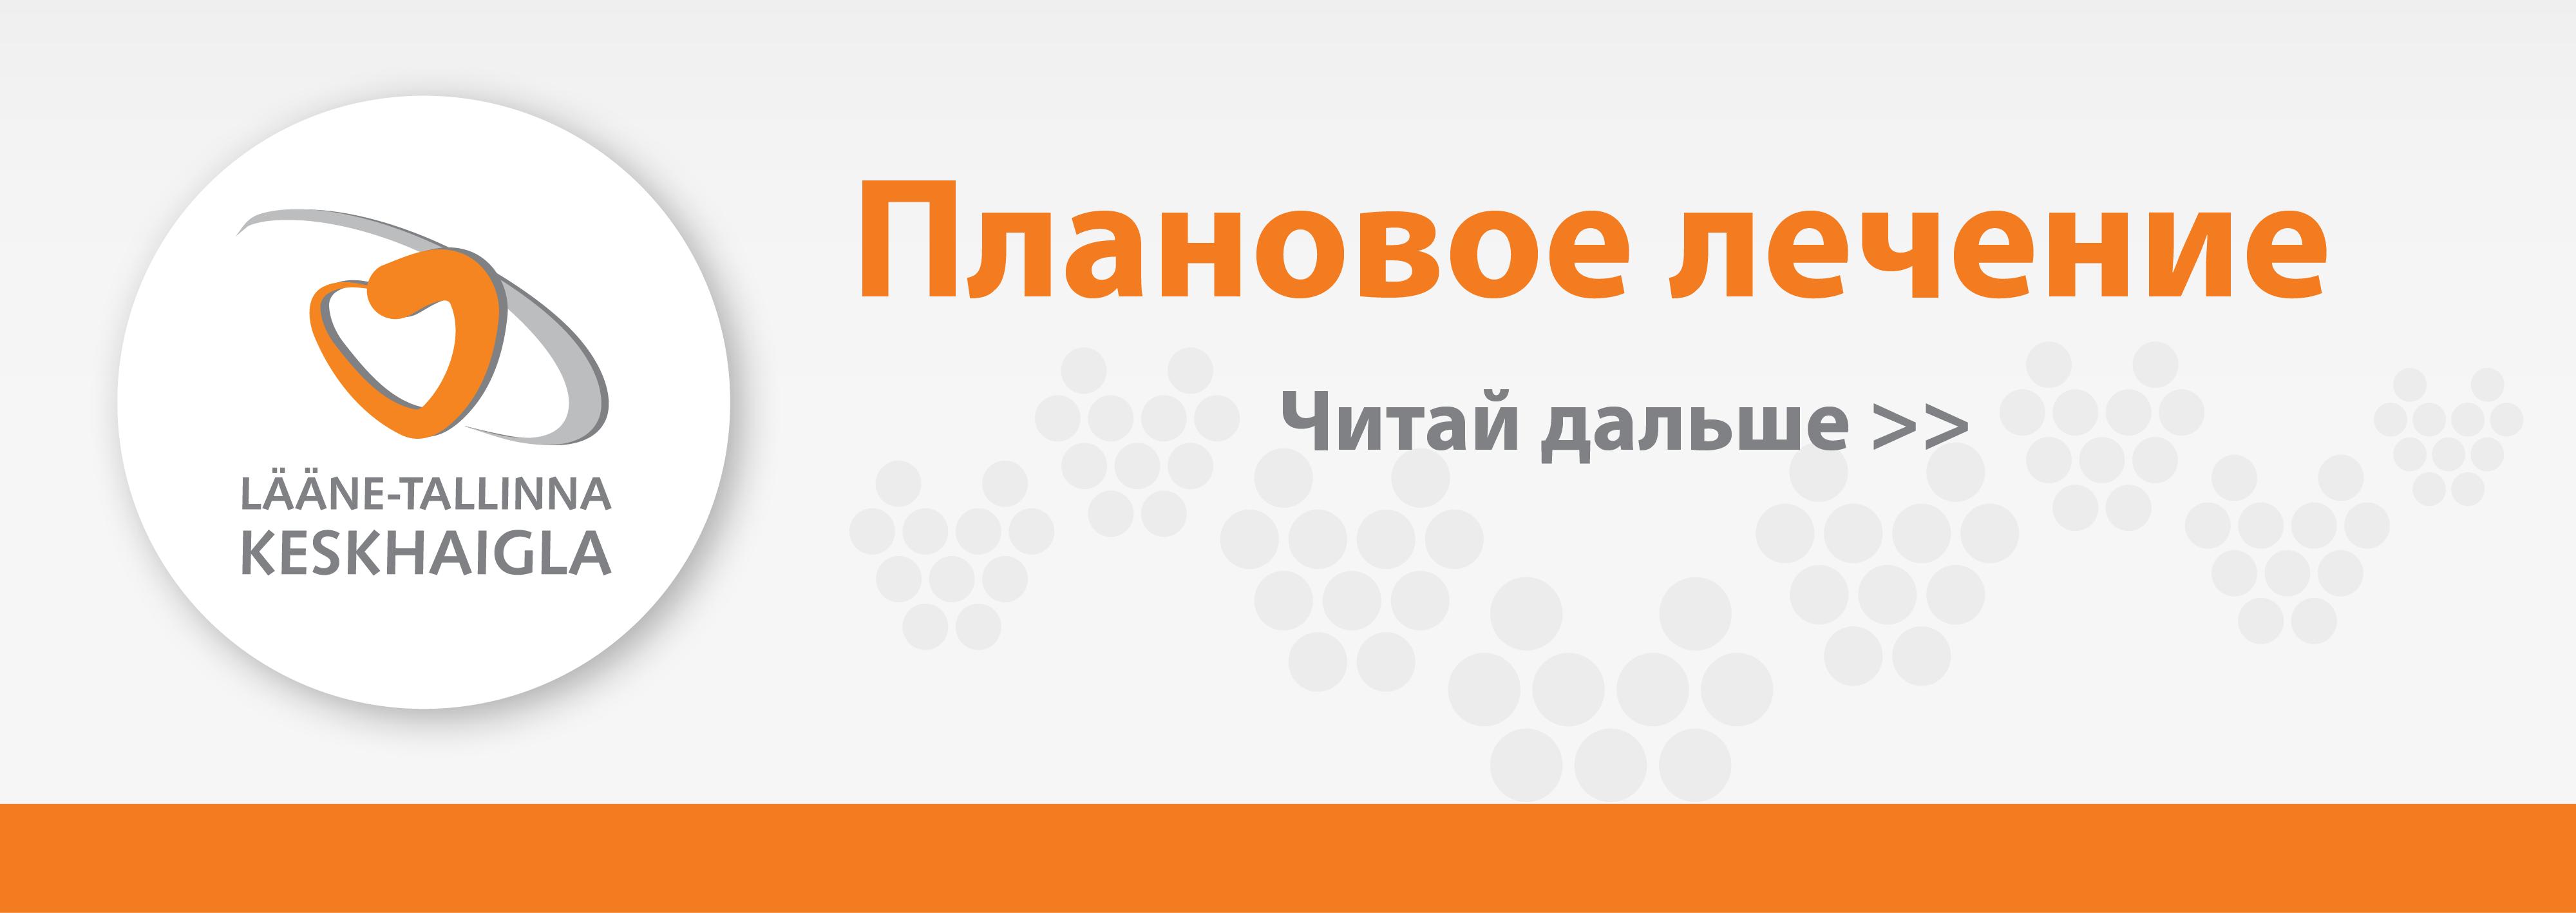 slider_plaaniline-ravi-keskhaigla-RUS